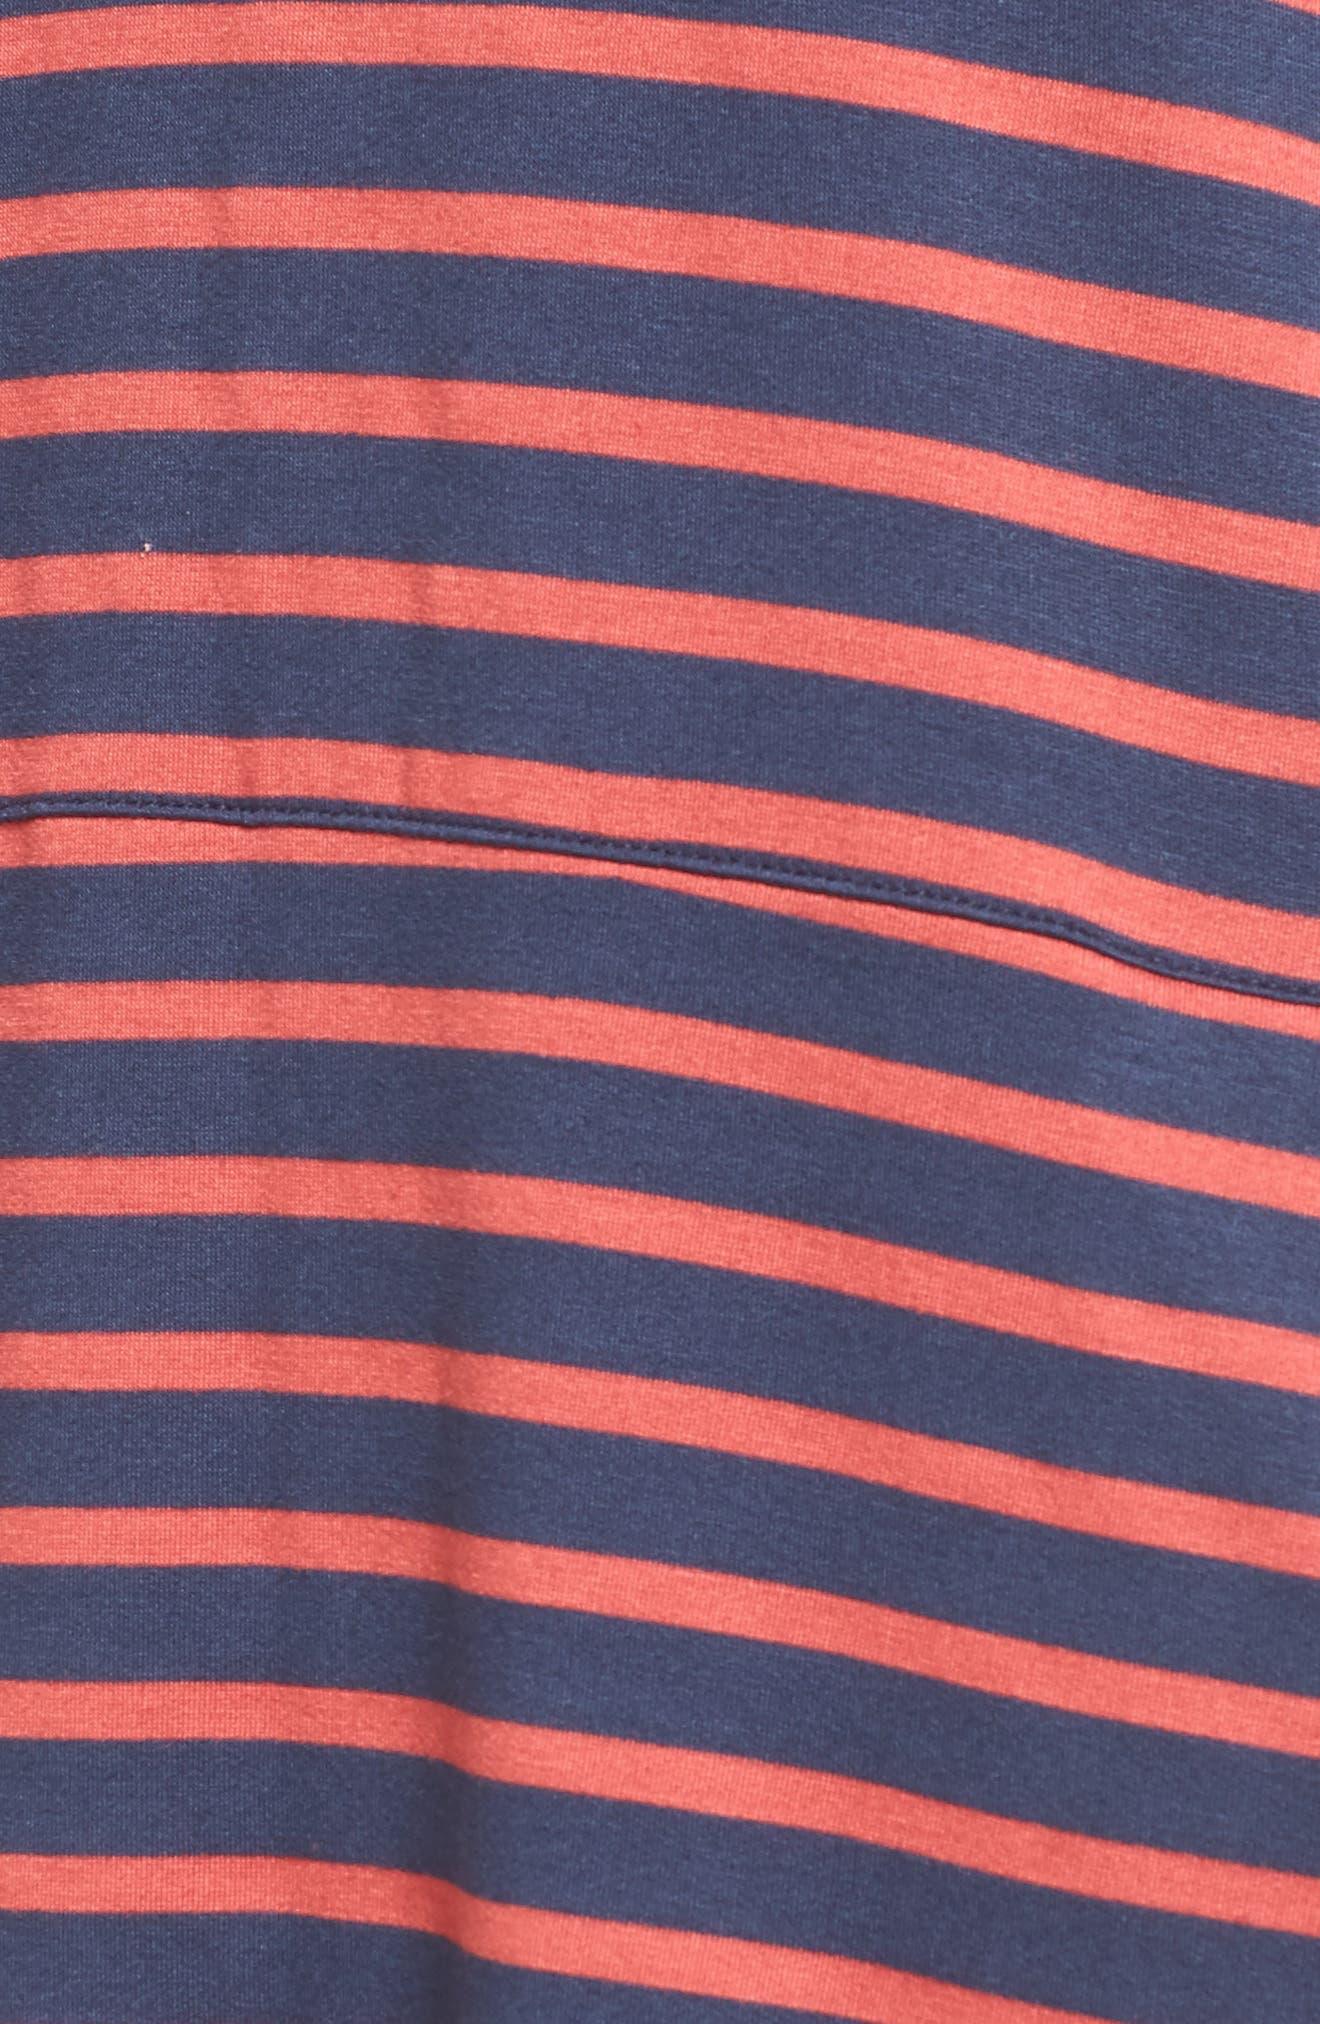 Knit Shift Dress,                             Alternate thumbnail 83, color,